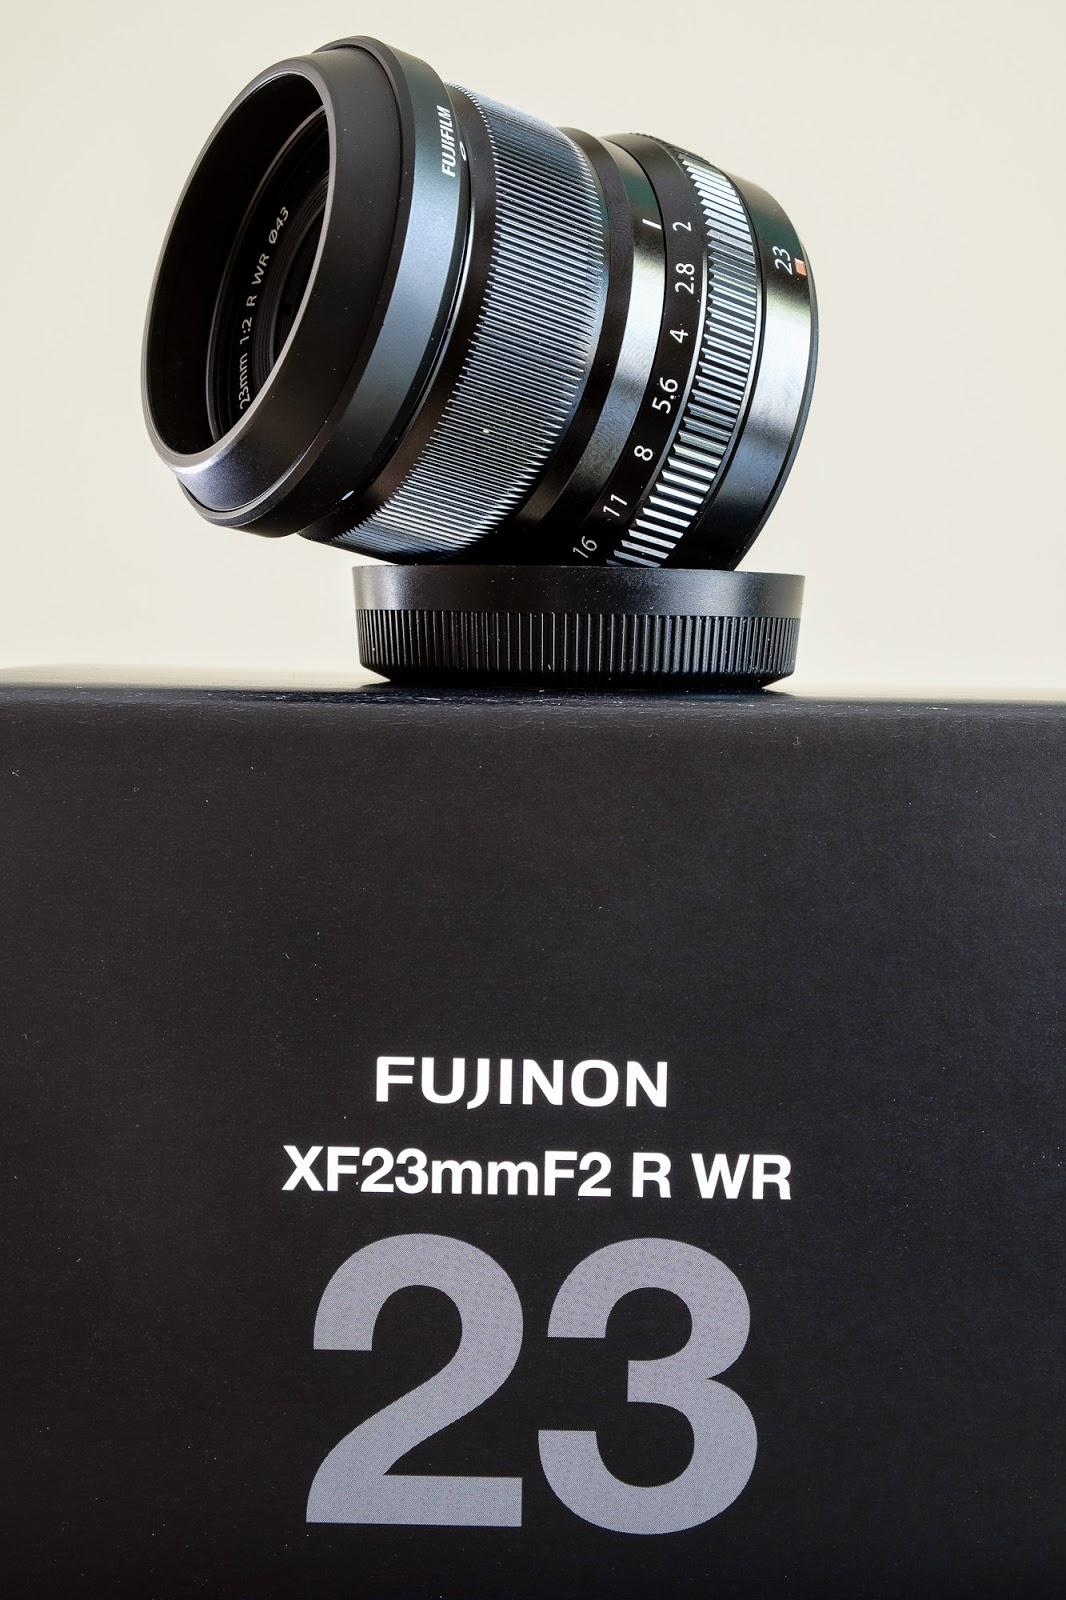 Fujifilm Lens Roadmap 2019